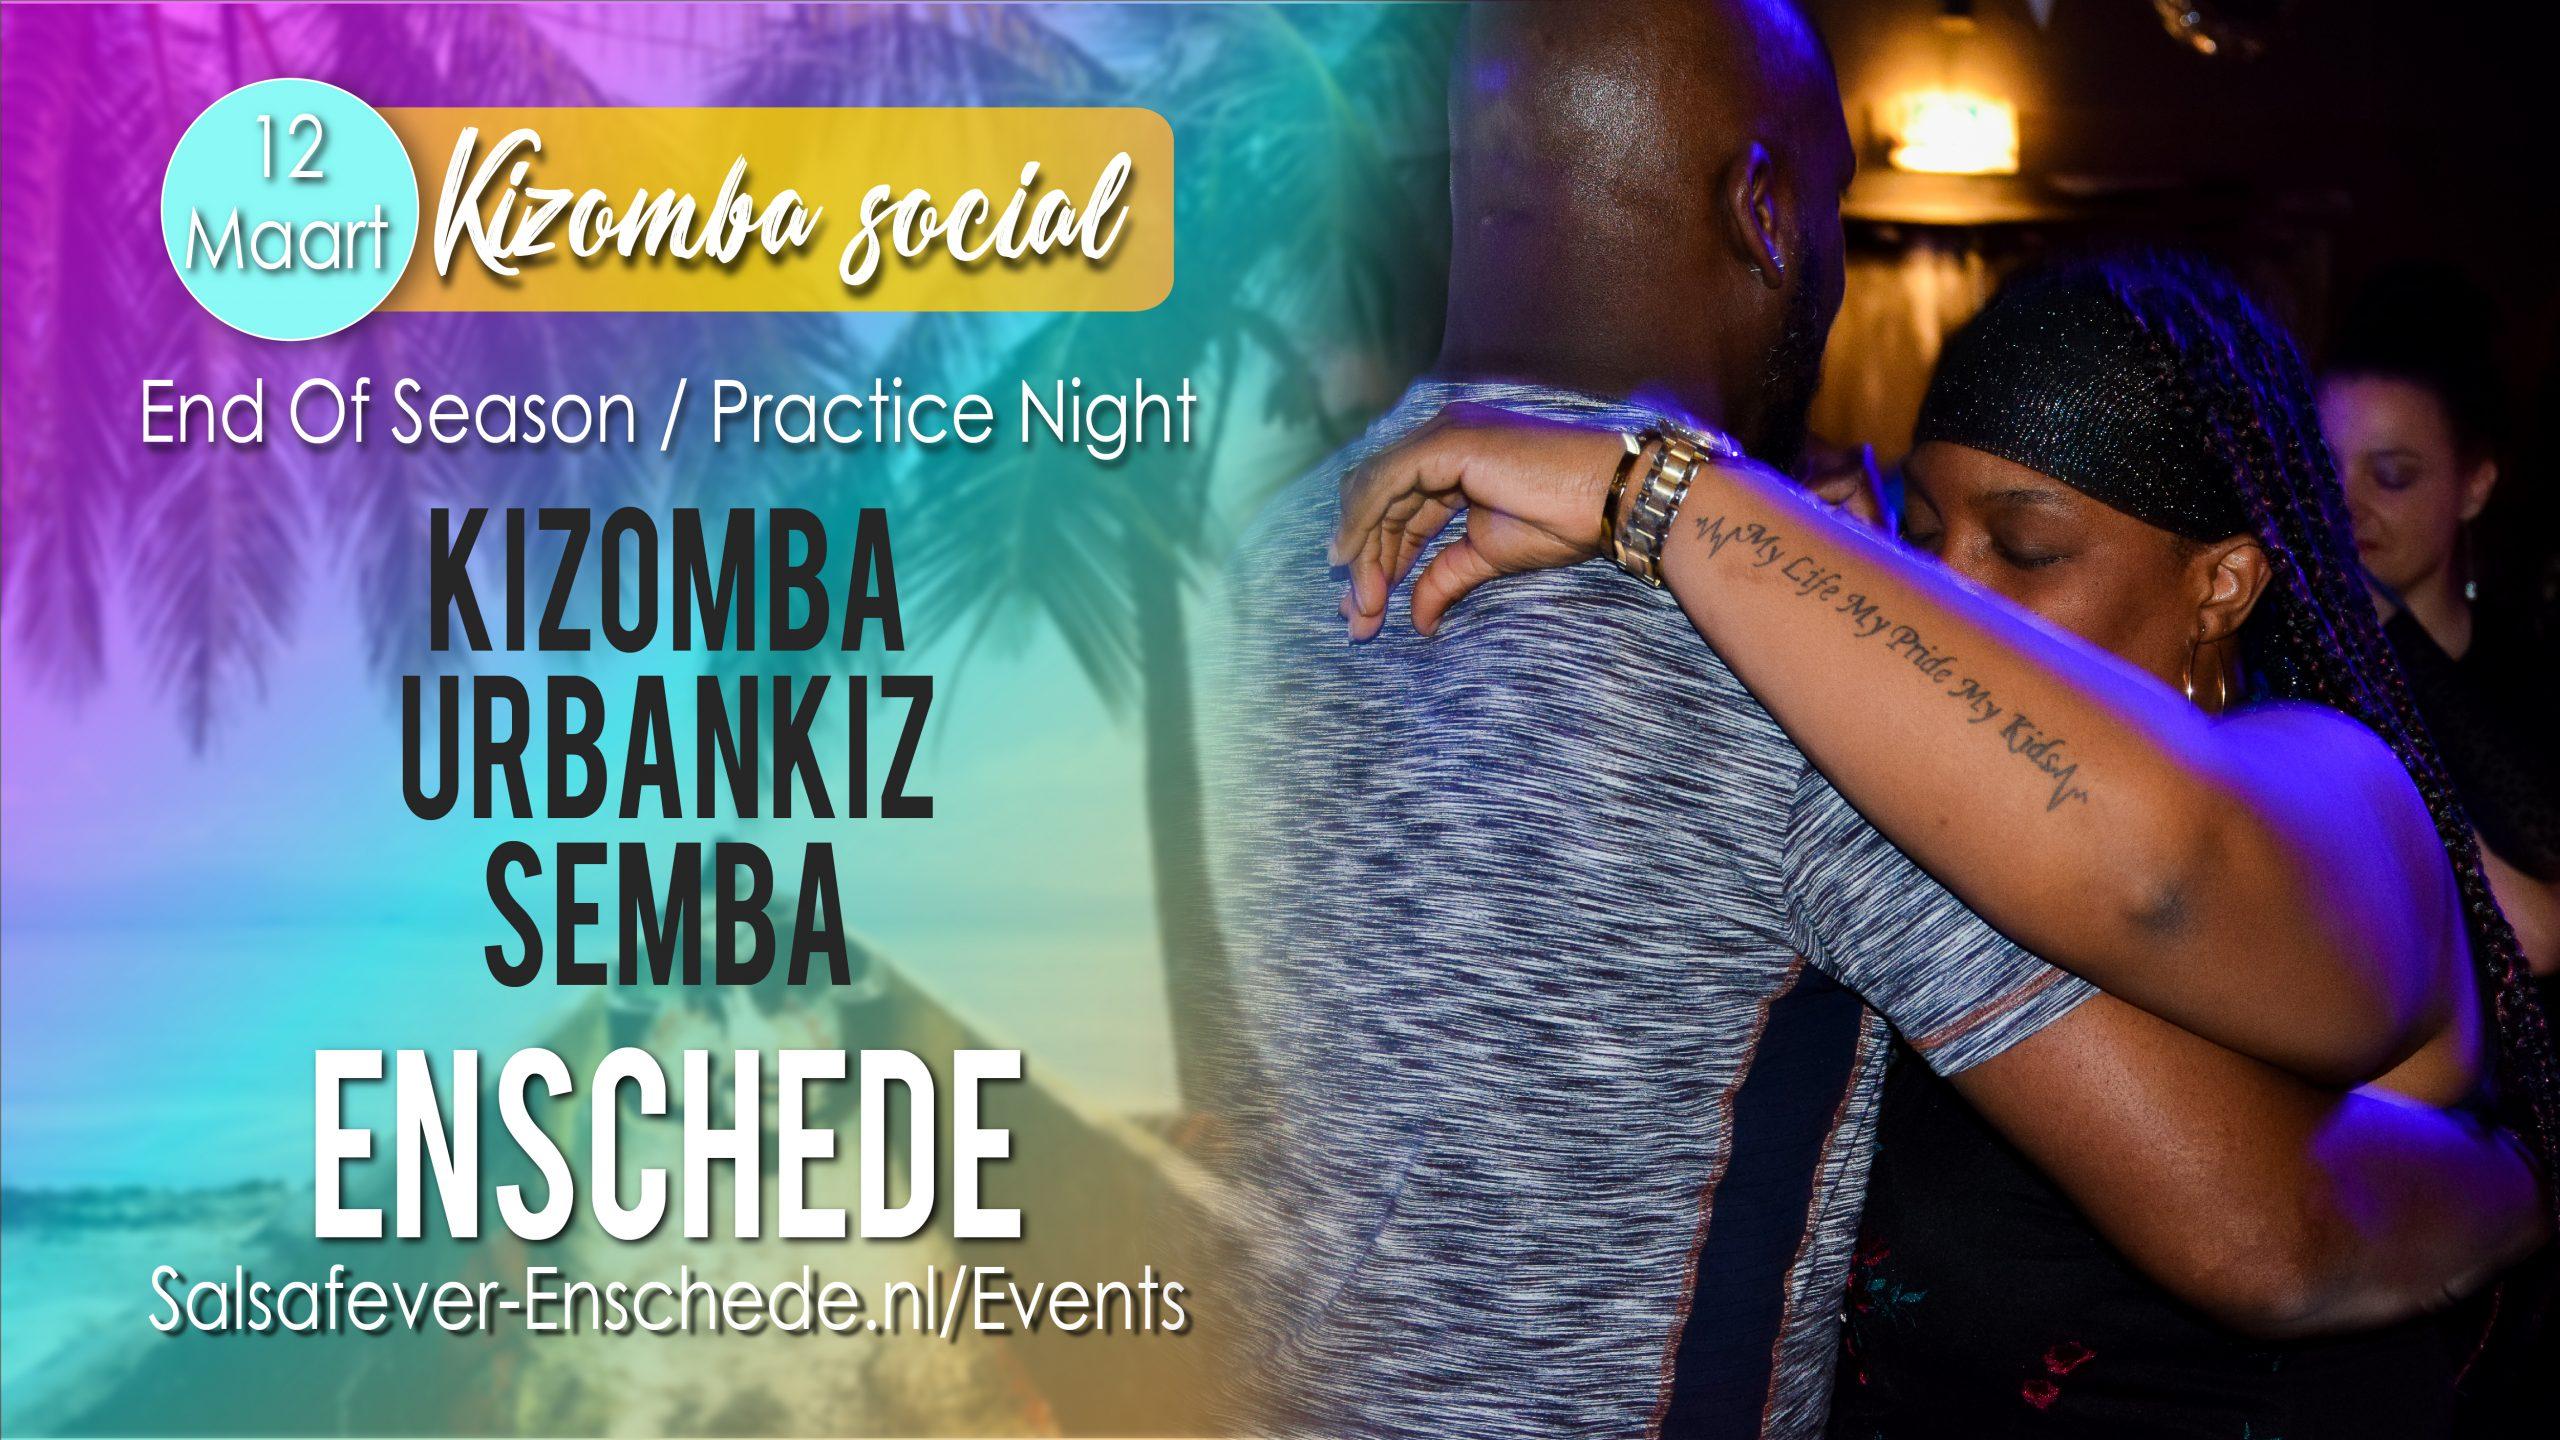 Kizomba social in Enschede